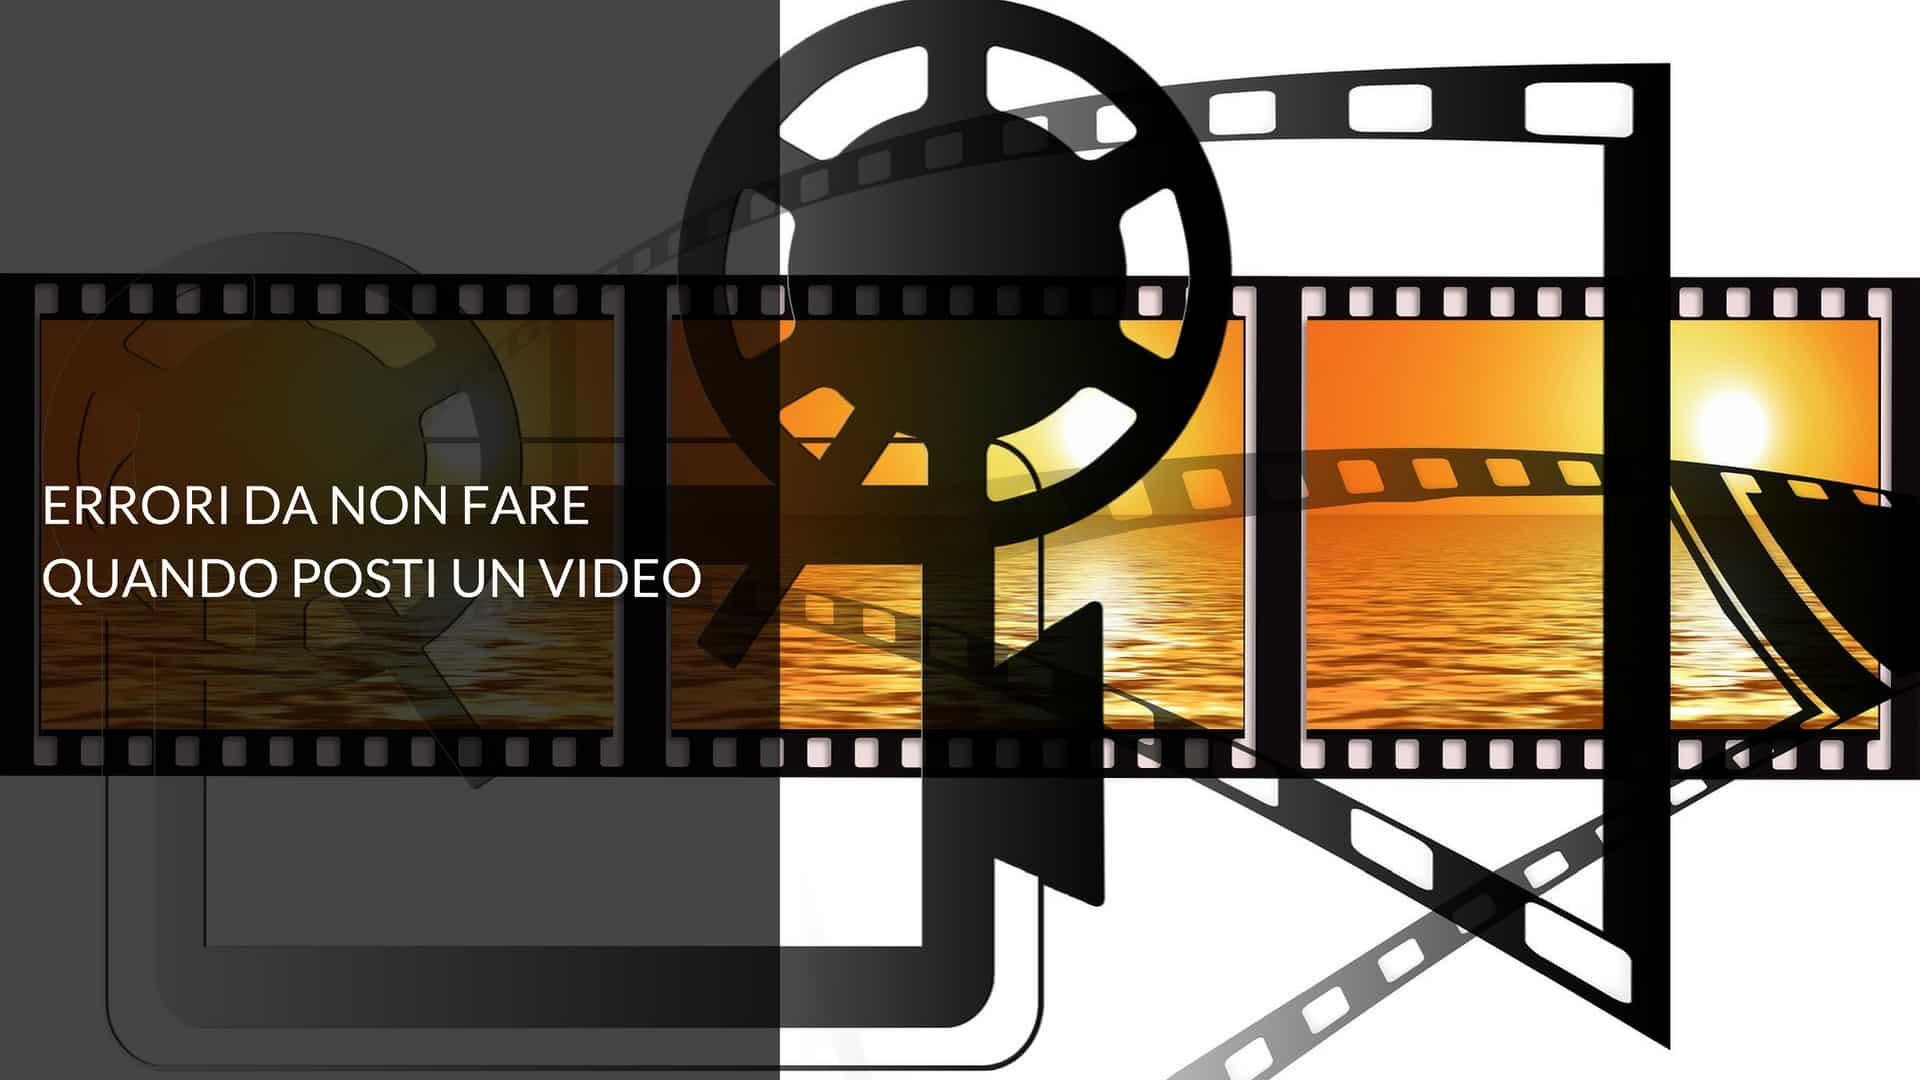 Errori da non fare quando pubblichi un video sul blog